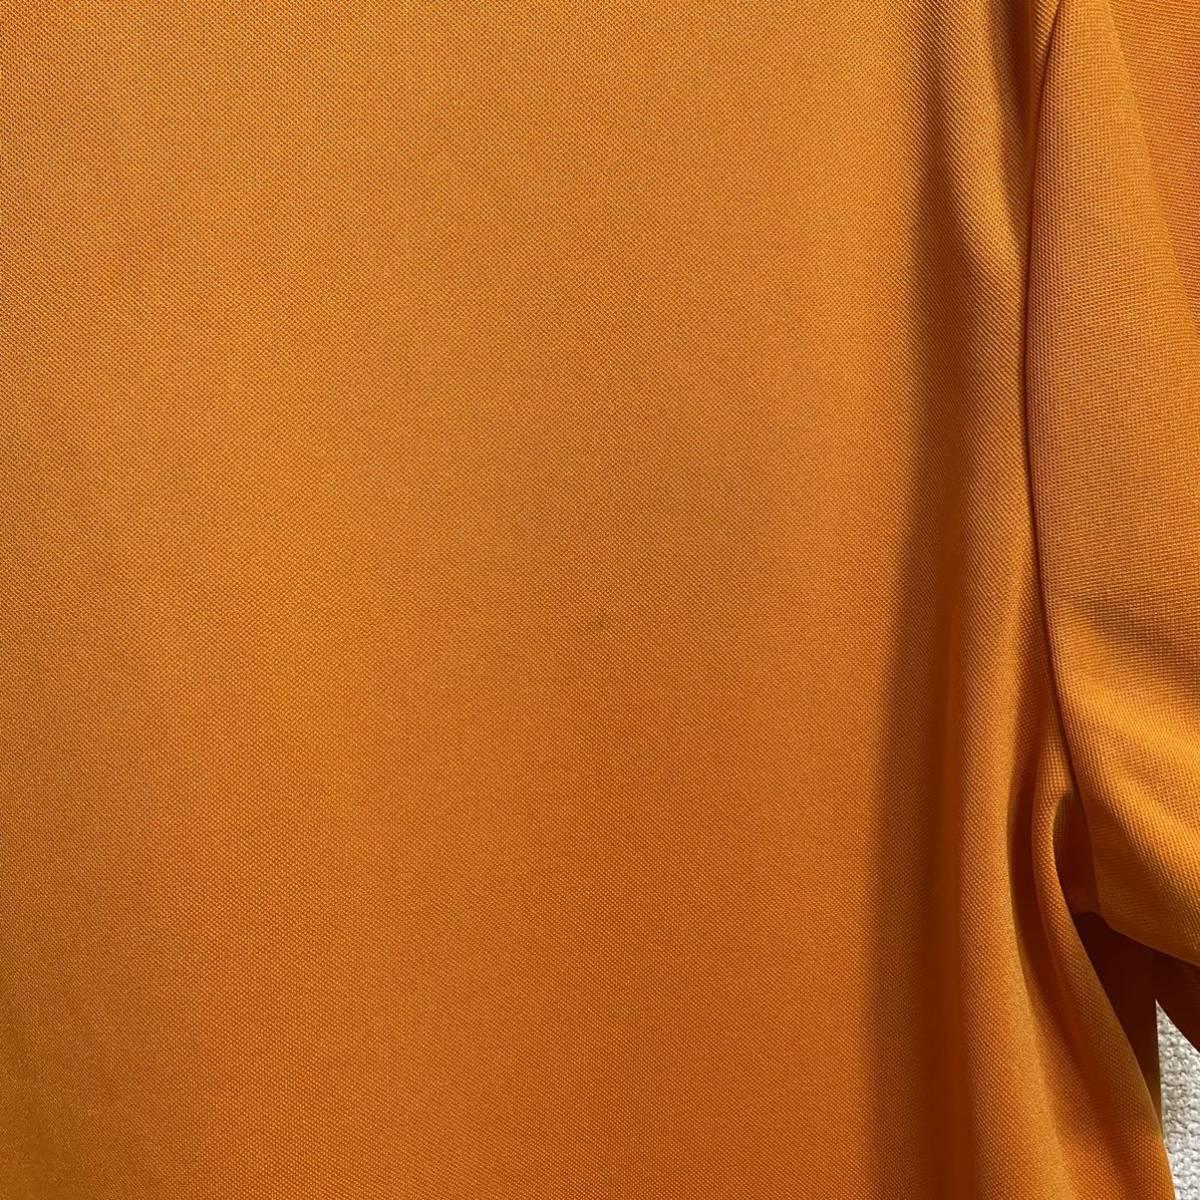 le coq sportif Golf ルコック ゴルフ 半袖ポロシャツ オレンジ メンズ L 迅速発送 送料無料!_画像9